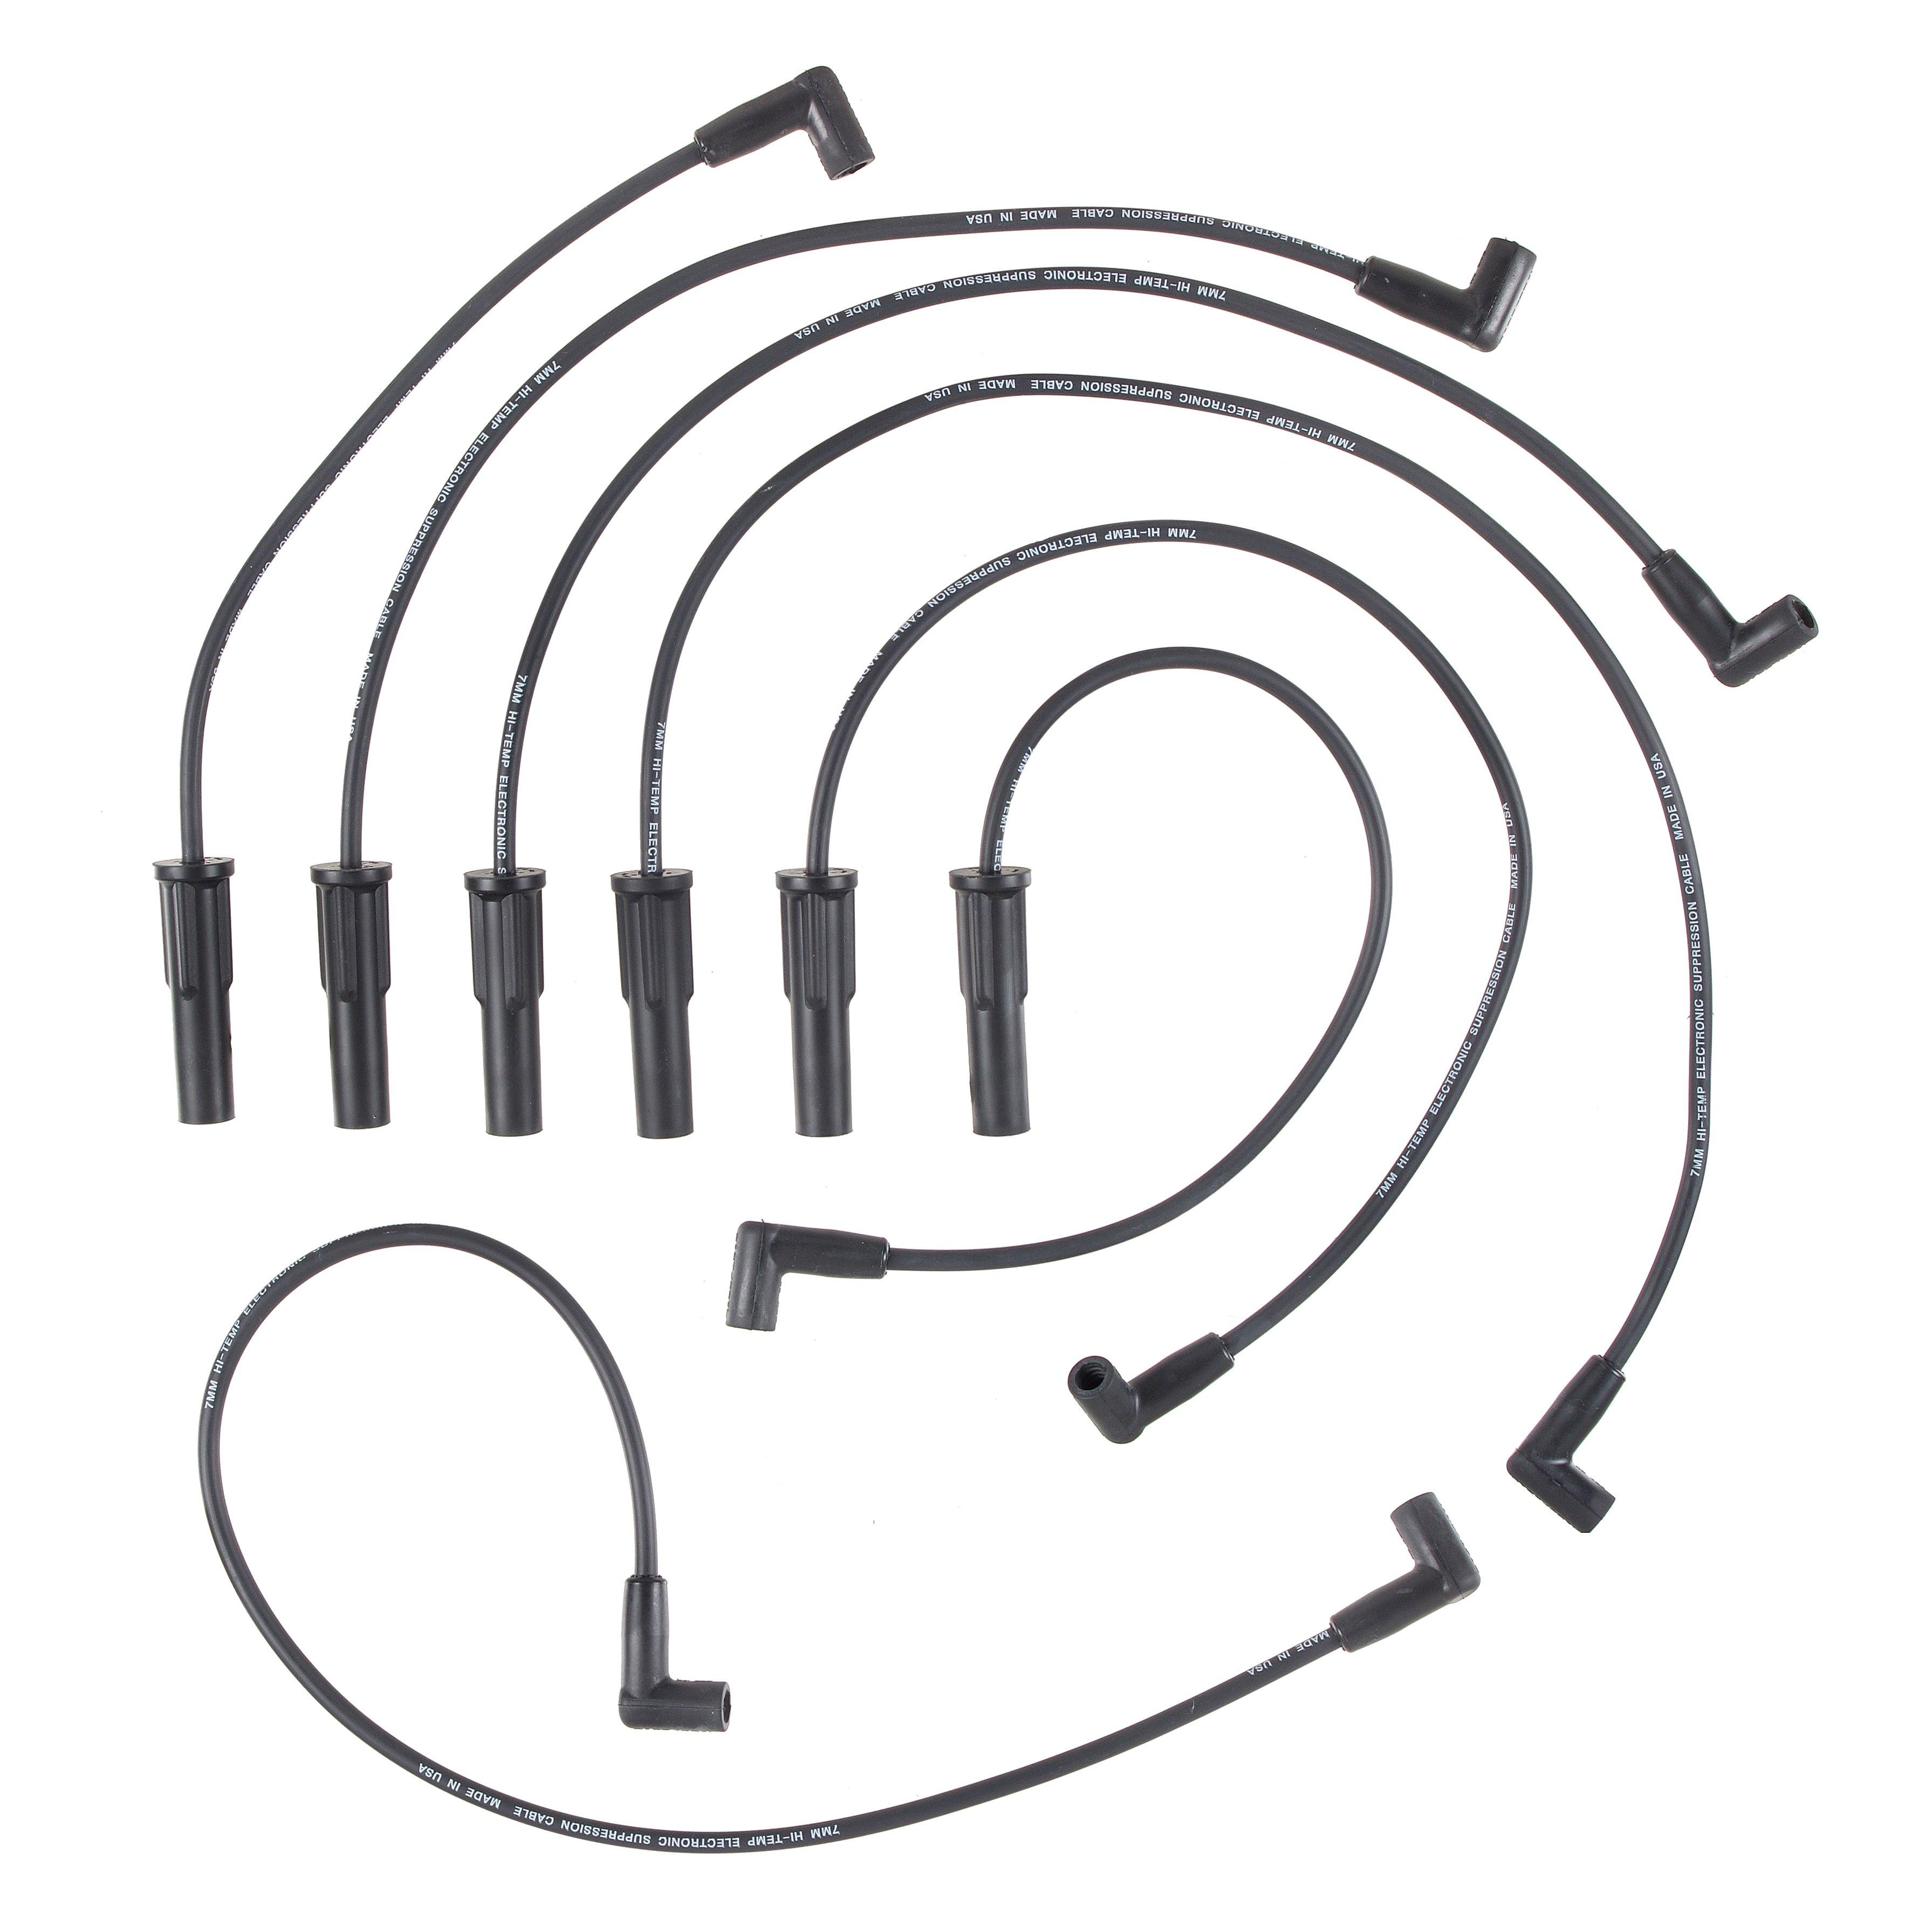 proconnect 236012 endurance plus wire set